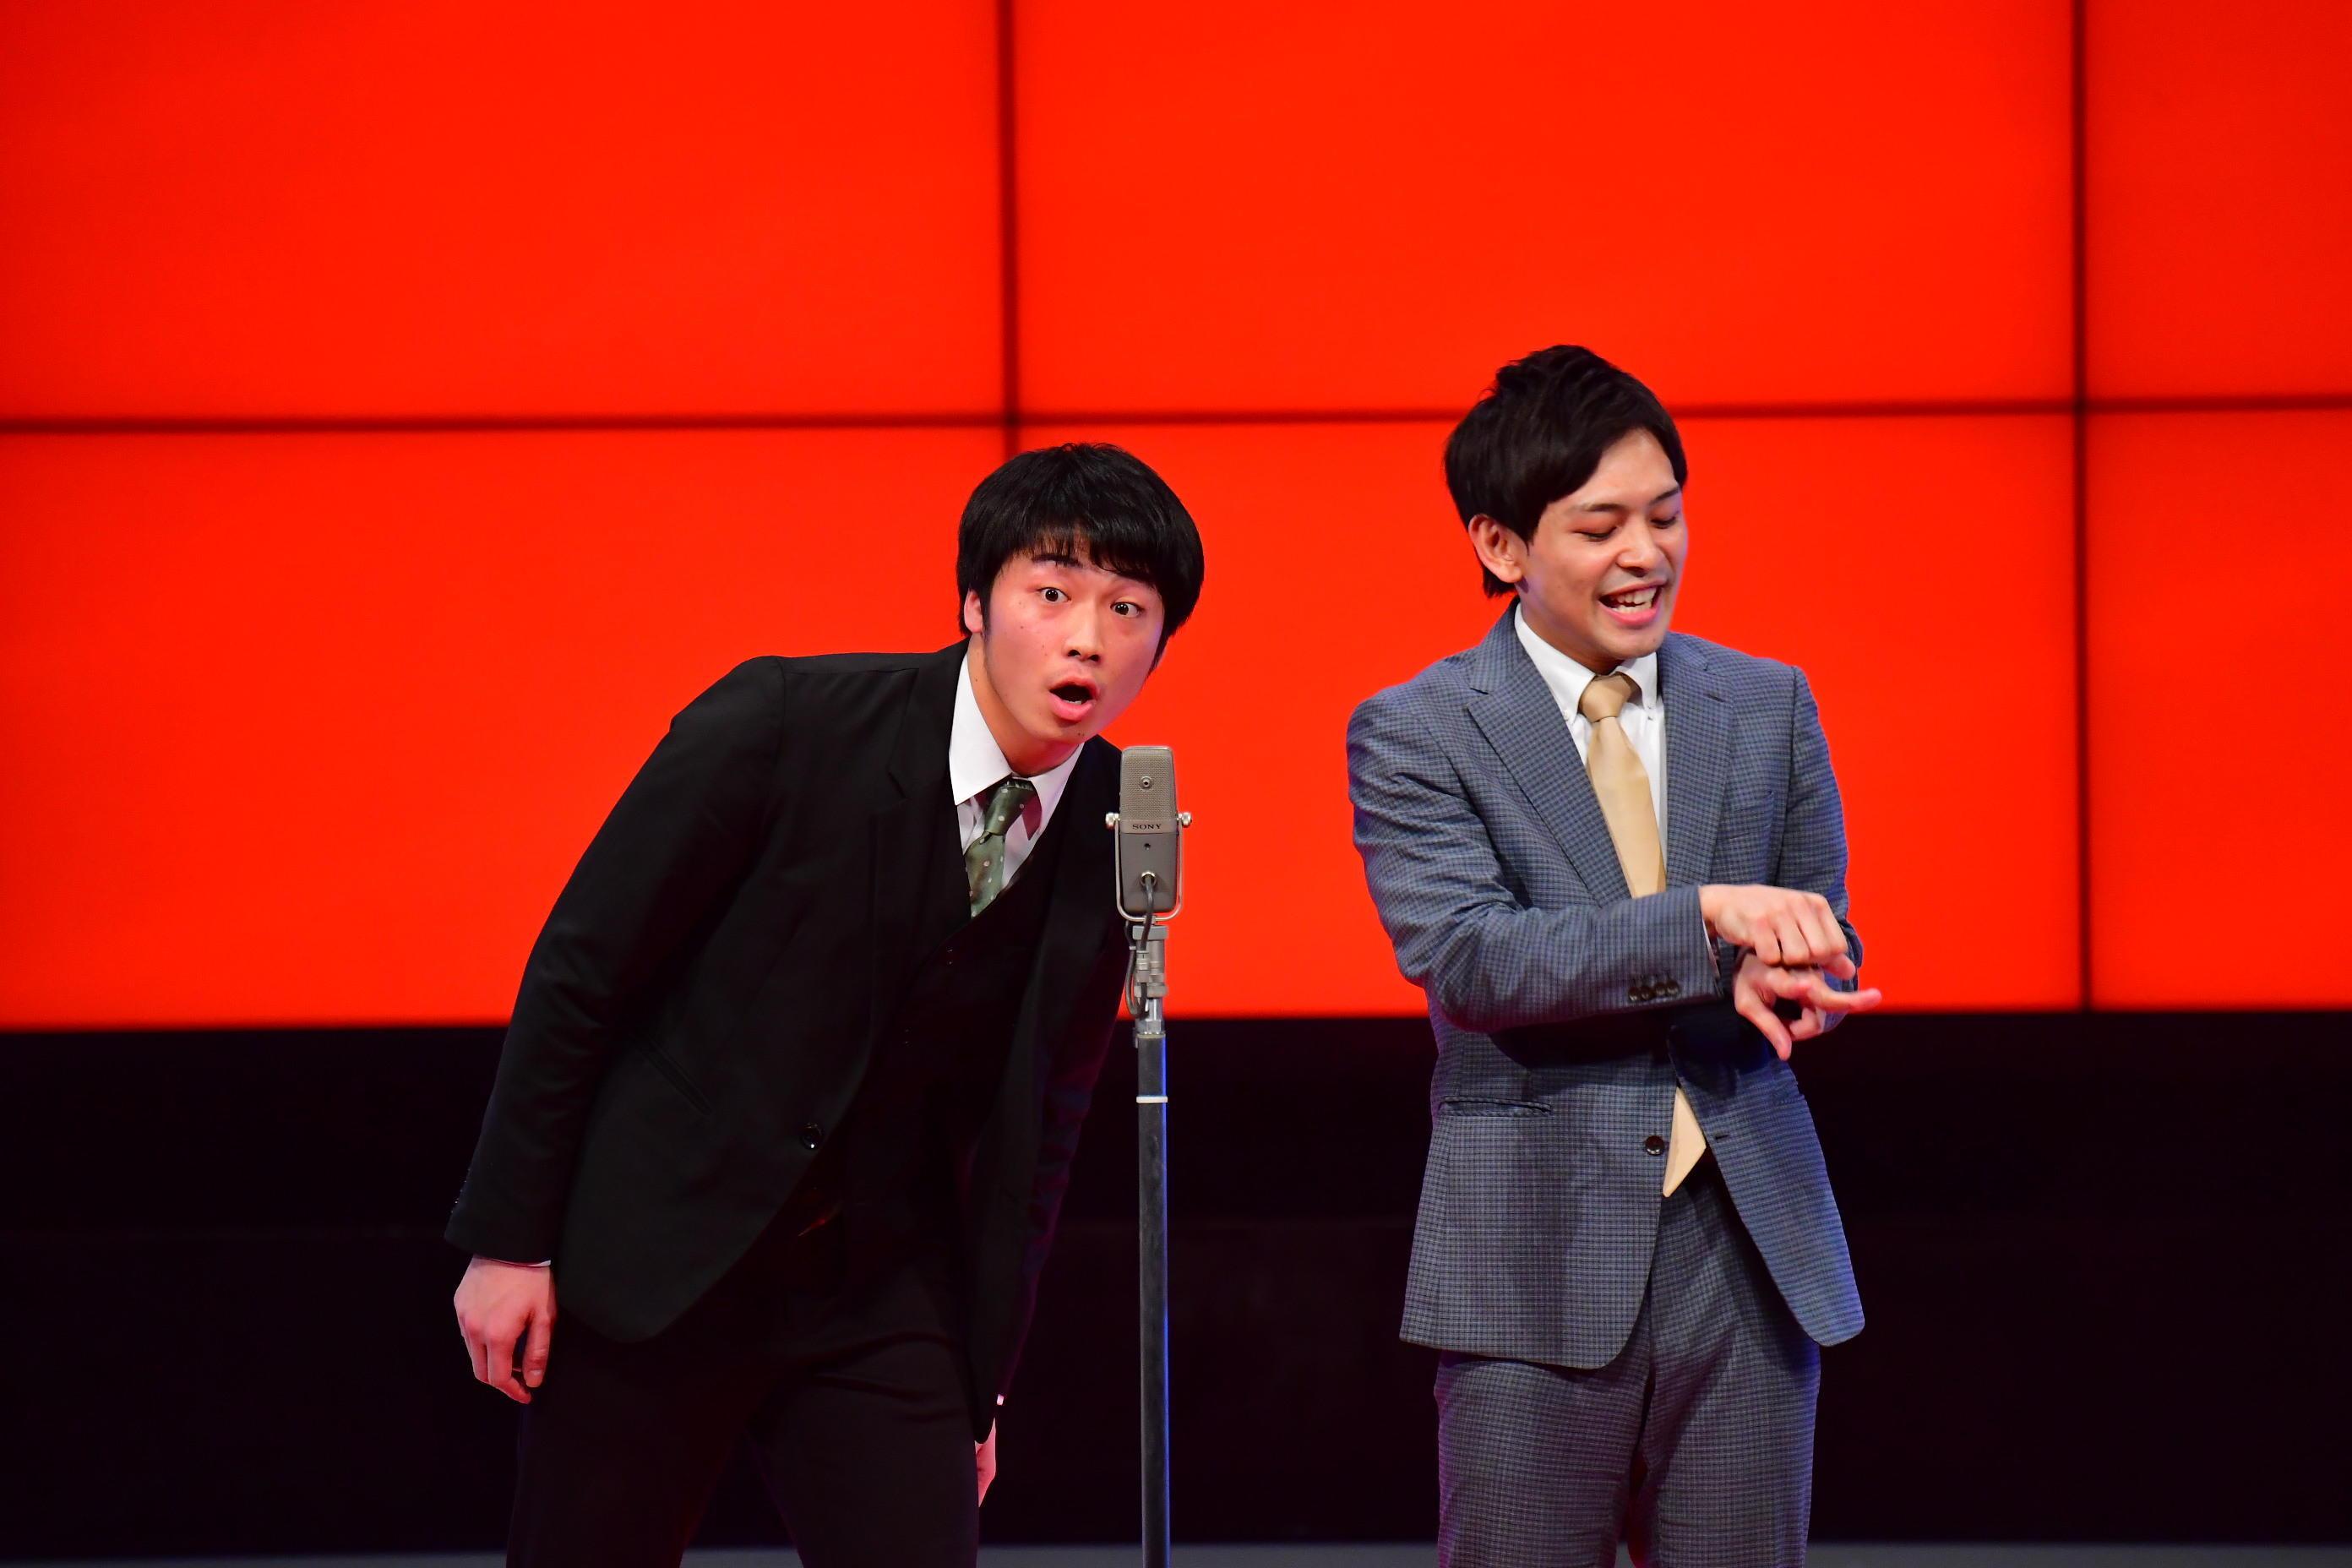 http://news.yoshimoto.co.jp/20180109015522-45e2ef3c455aad924093b2e65b857e1b6604cb83.jpg